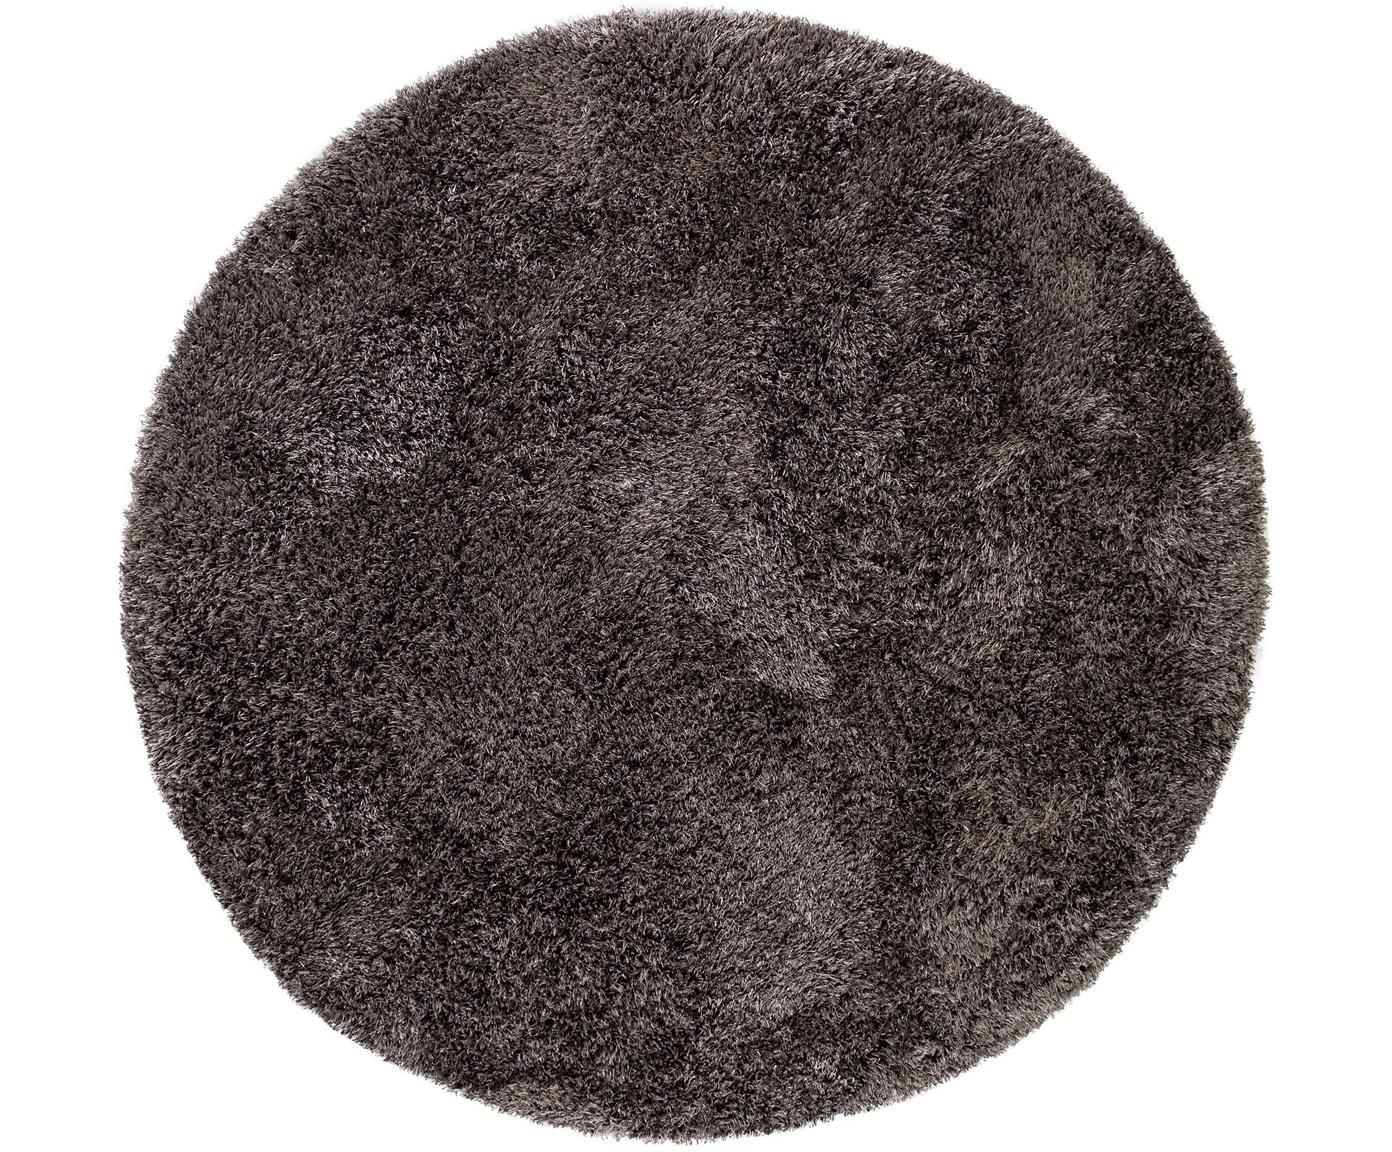 Glänzender Hochflor-Teppich Lea in Anthrazit, rund, 50% Polyester, 50% Polypropylen, Anthrazit, Ø 120 cm (Größe S)